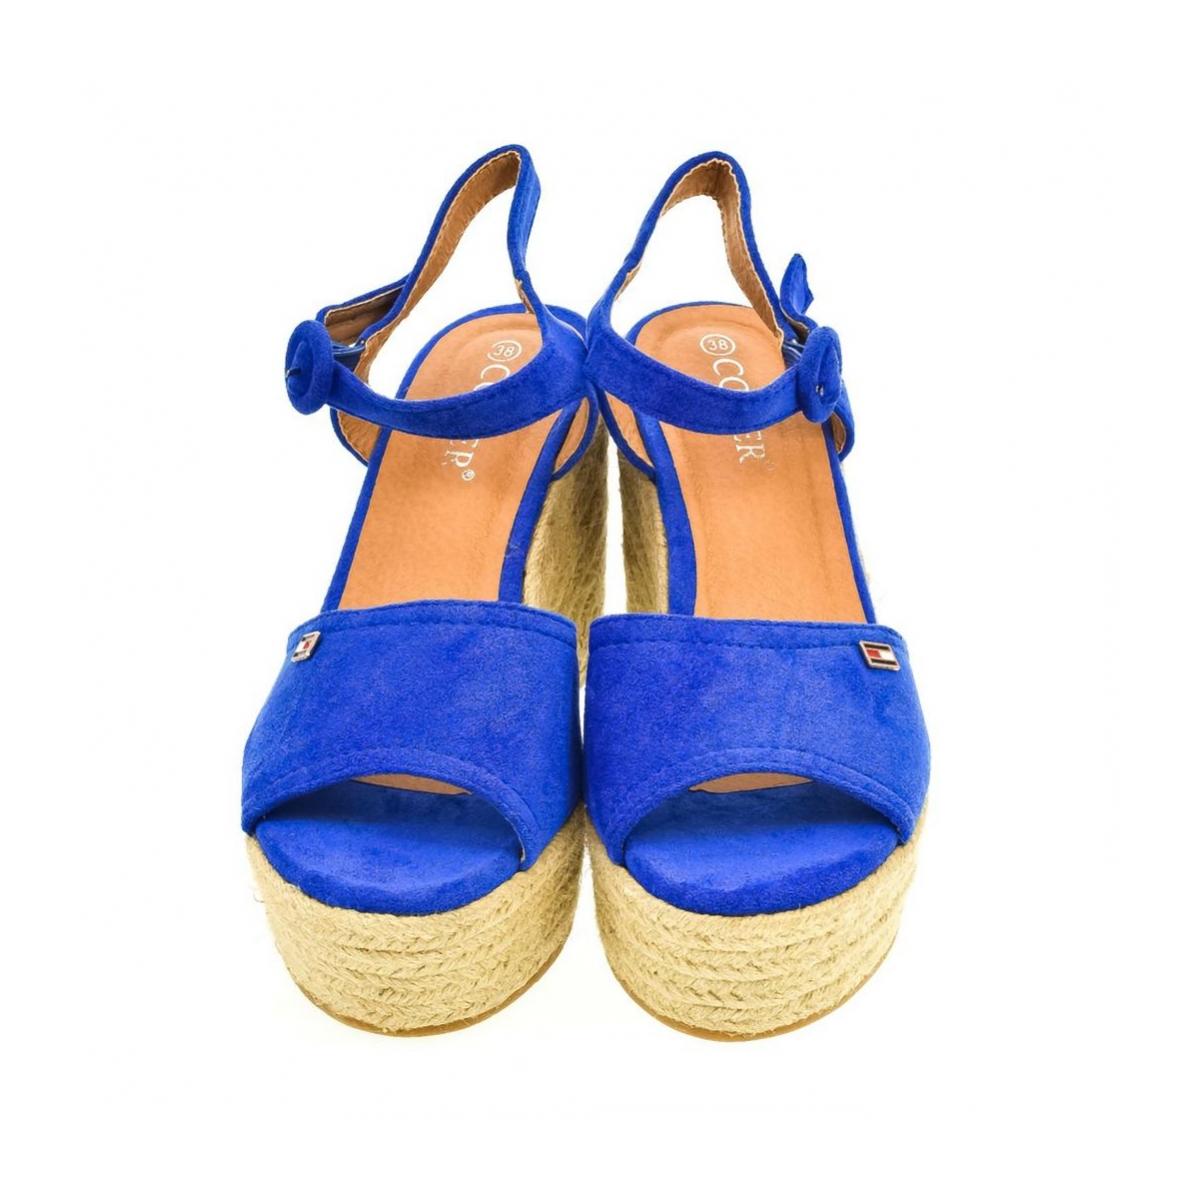 c147ee50e9c87 Dámske modré sandále AFRA | Johnc.sk